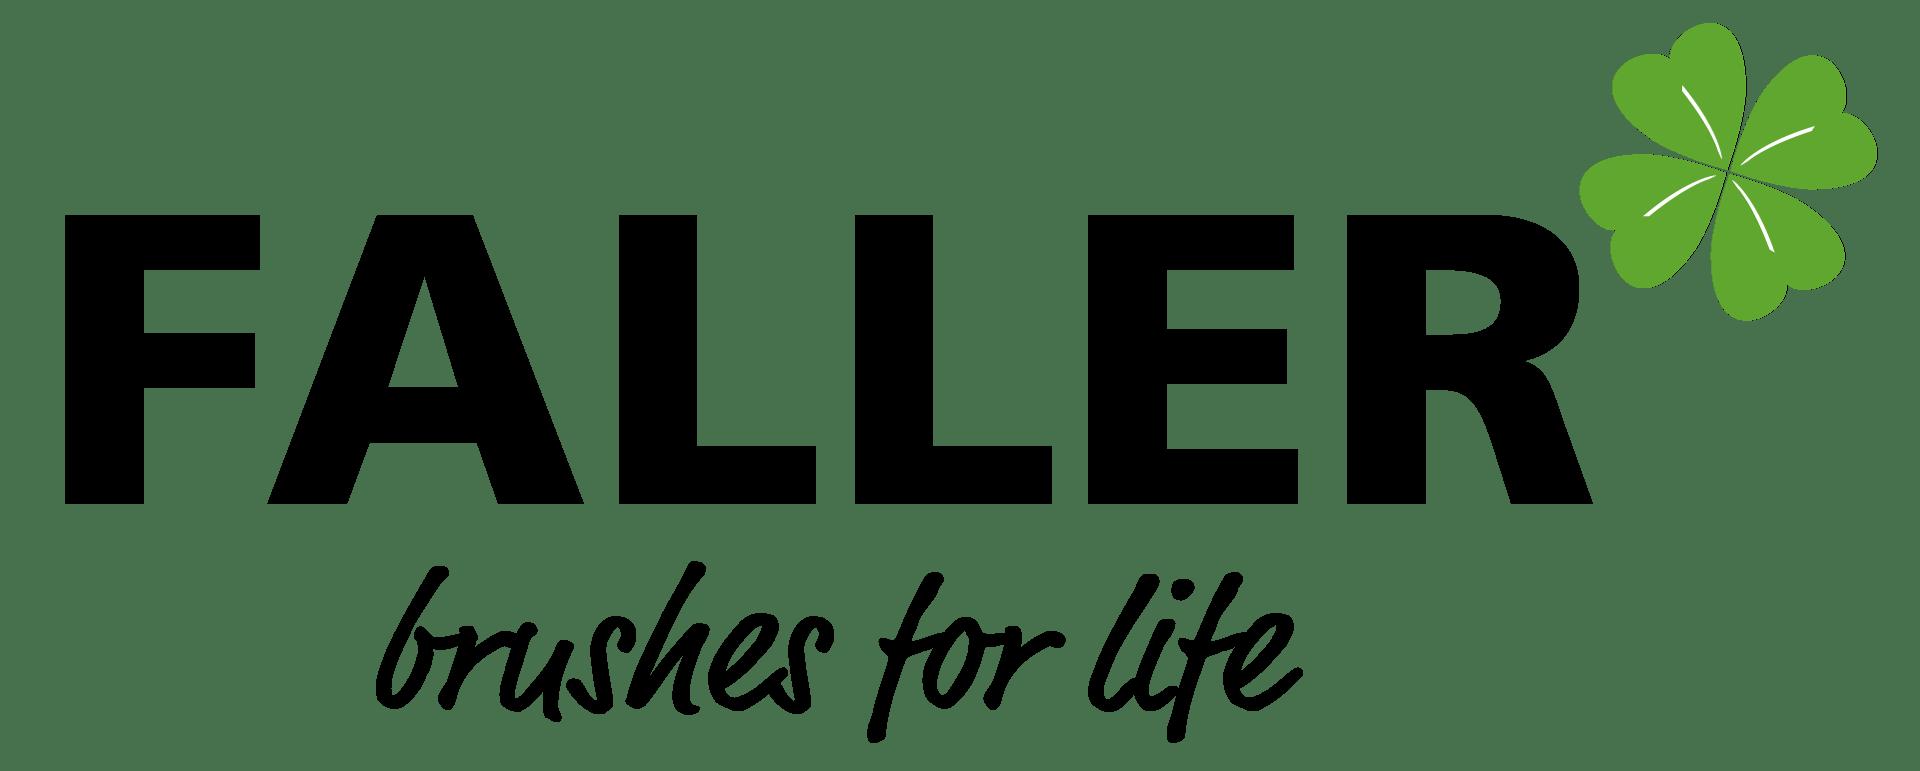 FALLER brushesforlife